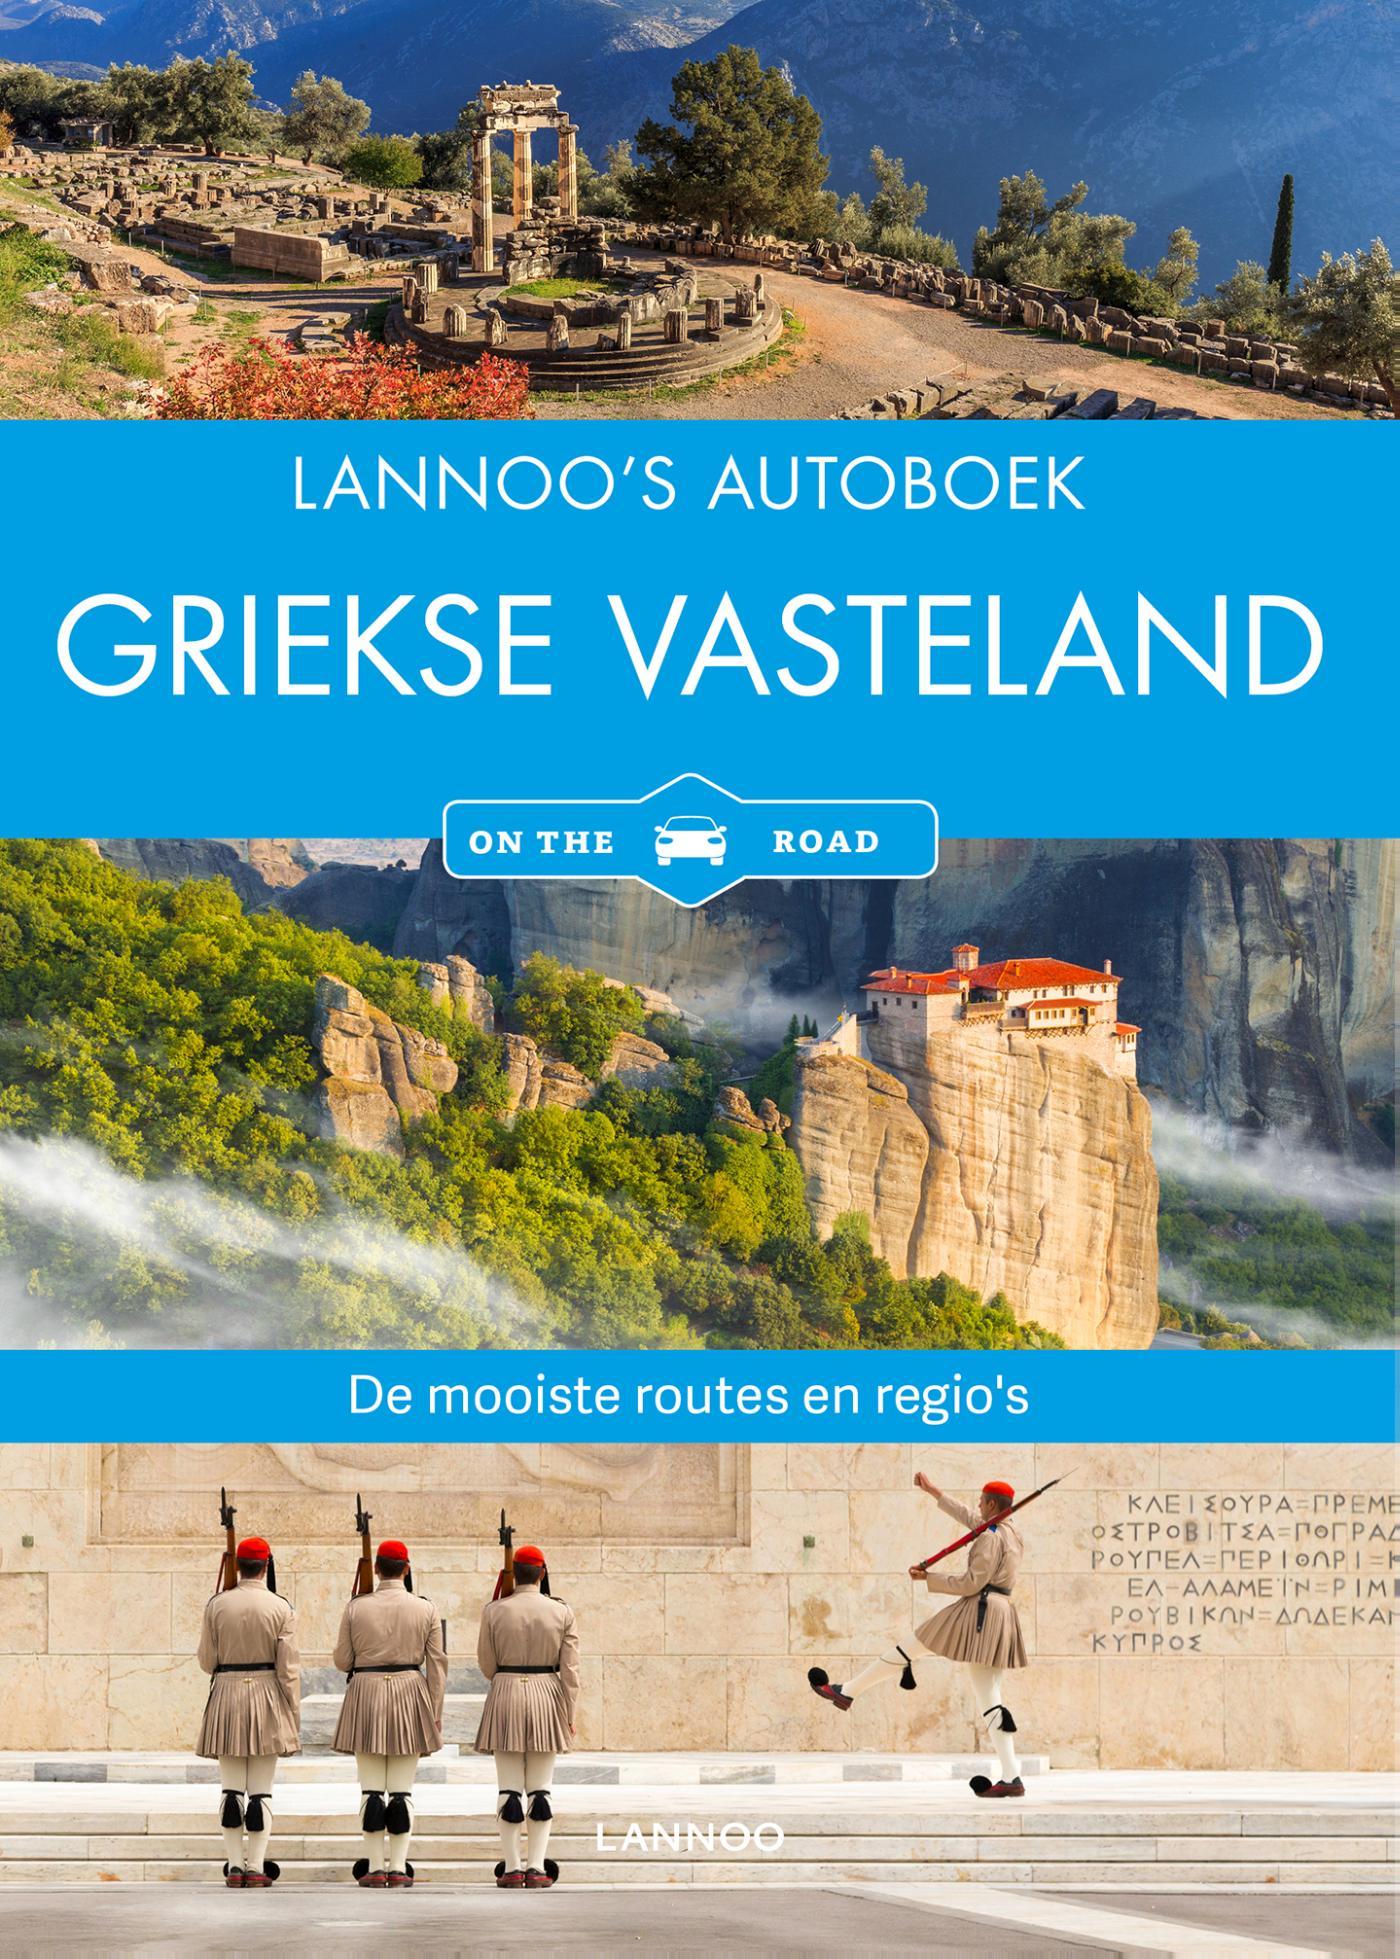 - Griekse vasteland on the road